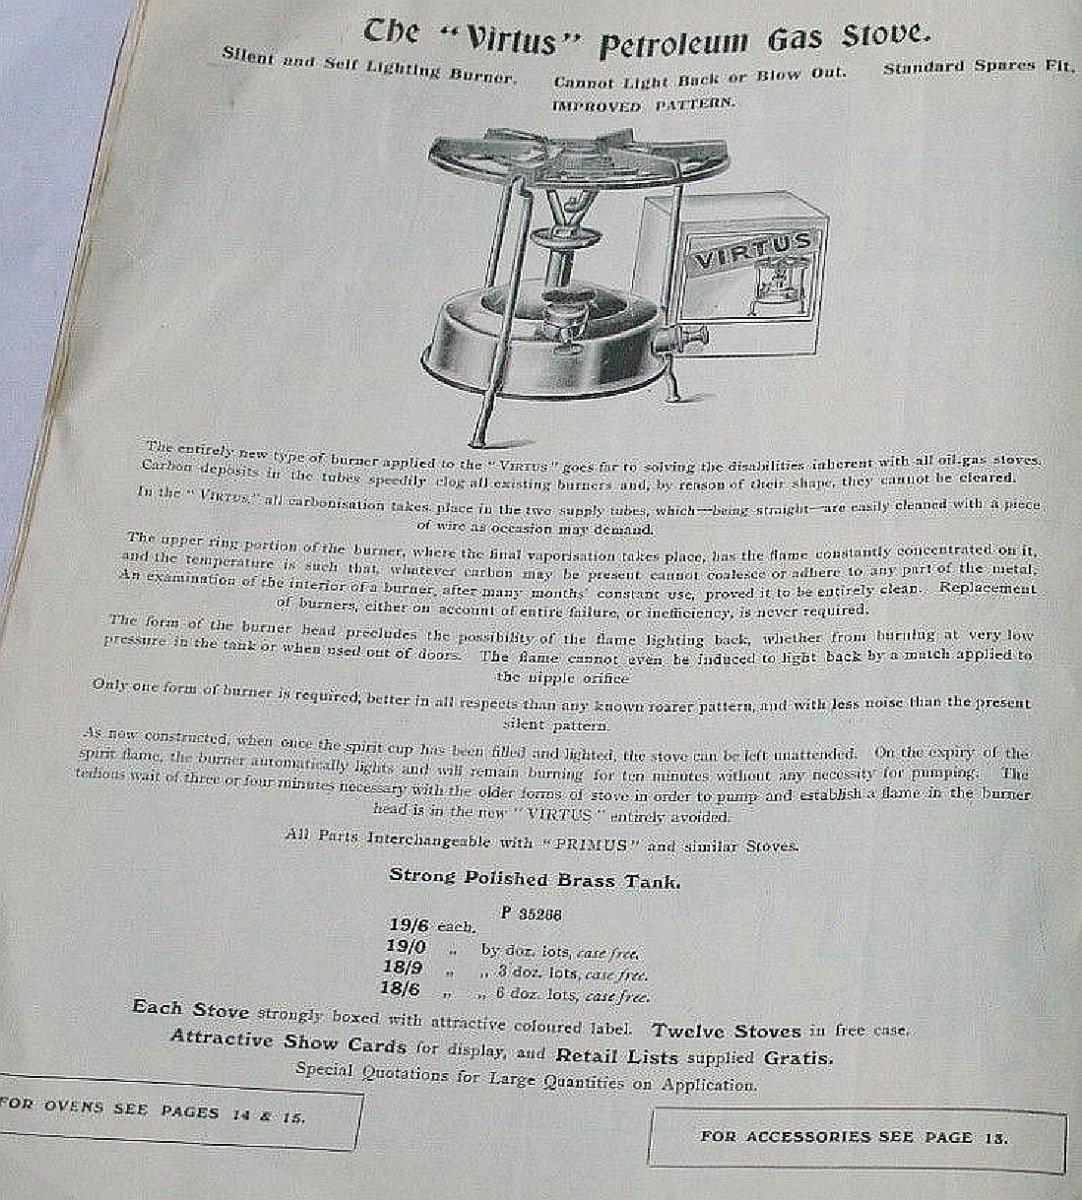 Virtus ad 1926.jpg